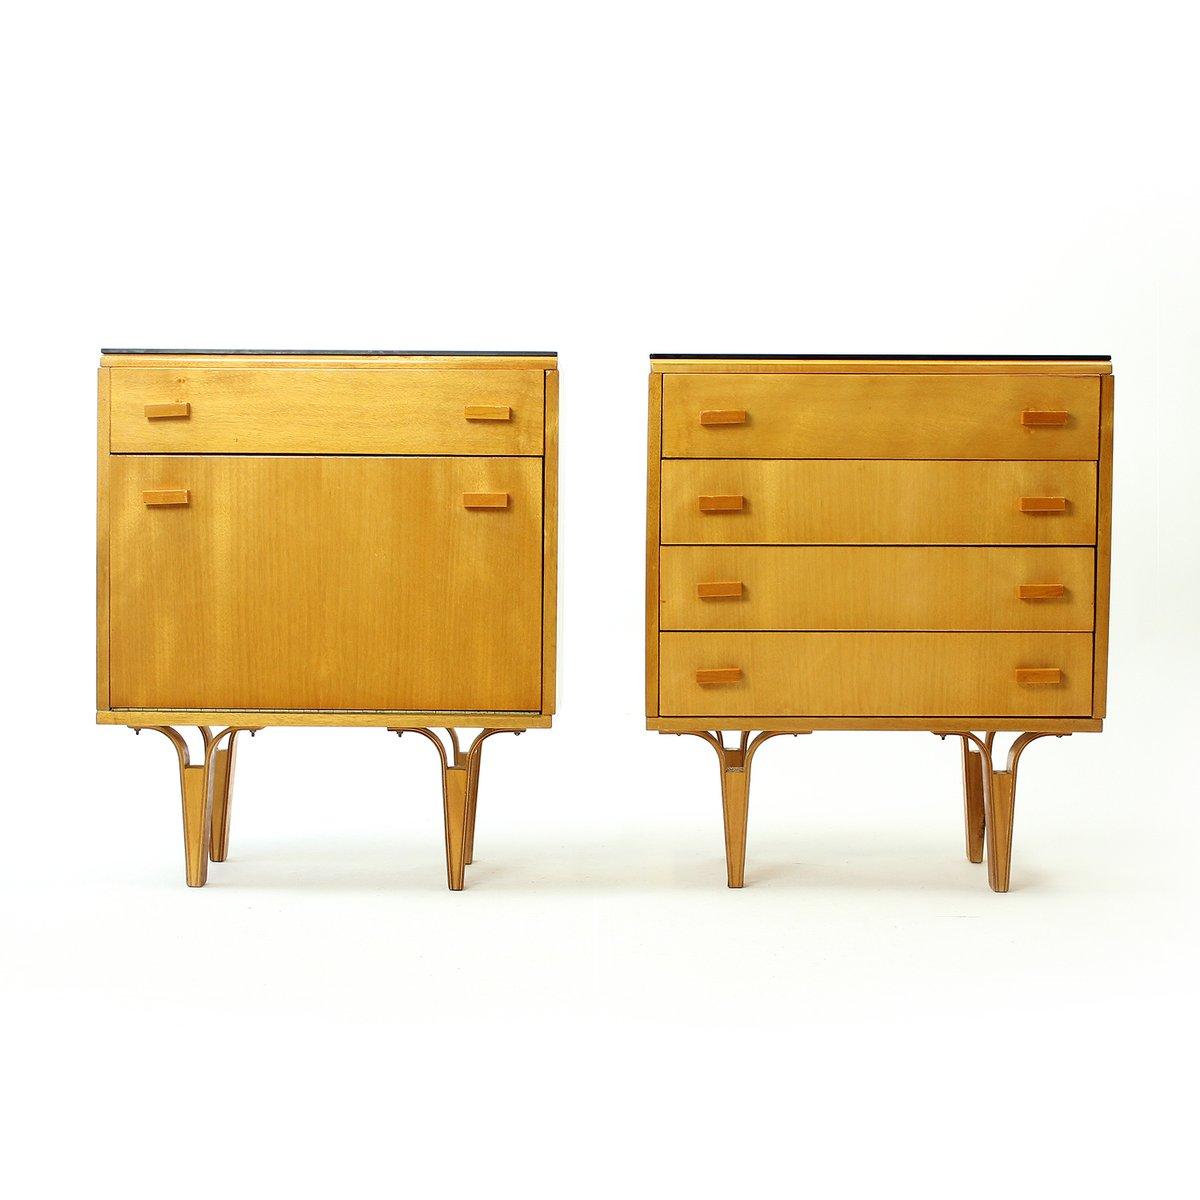 tables de chevet vintage en placage avec verre opaxite noir de novy domov 1960s. Black Bedroom Furniture Sets. Home Design Ideas